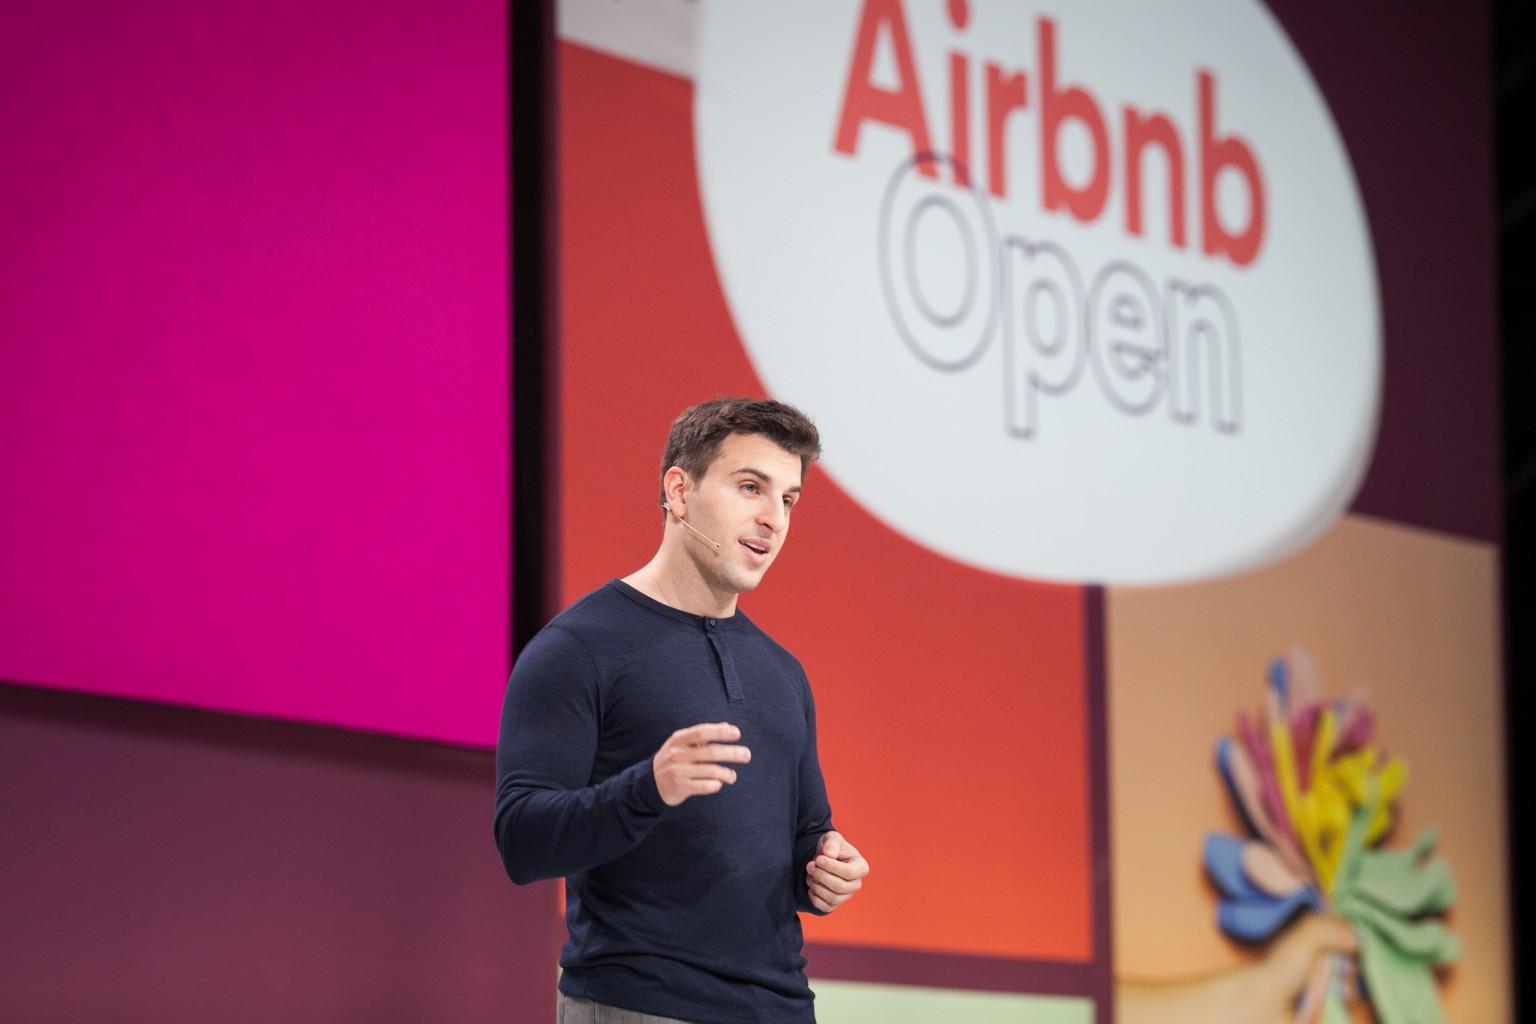 Исполнительный директор Airbnb Брайан Чески. Фото: airbnb.com